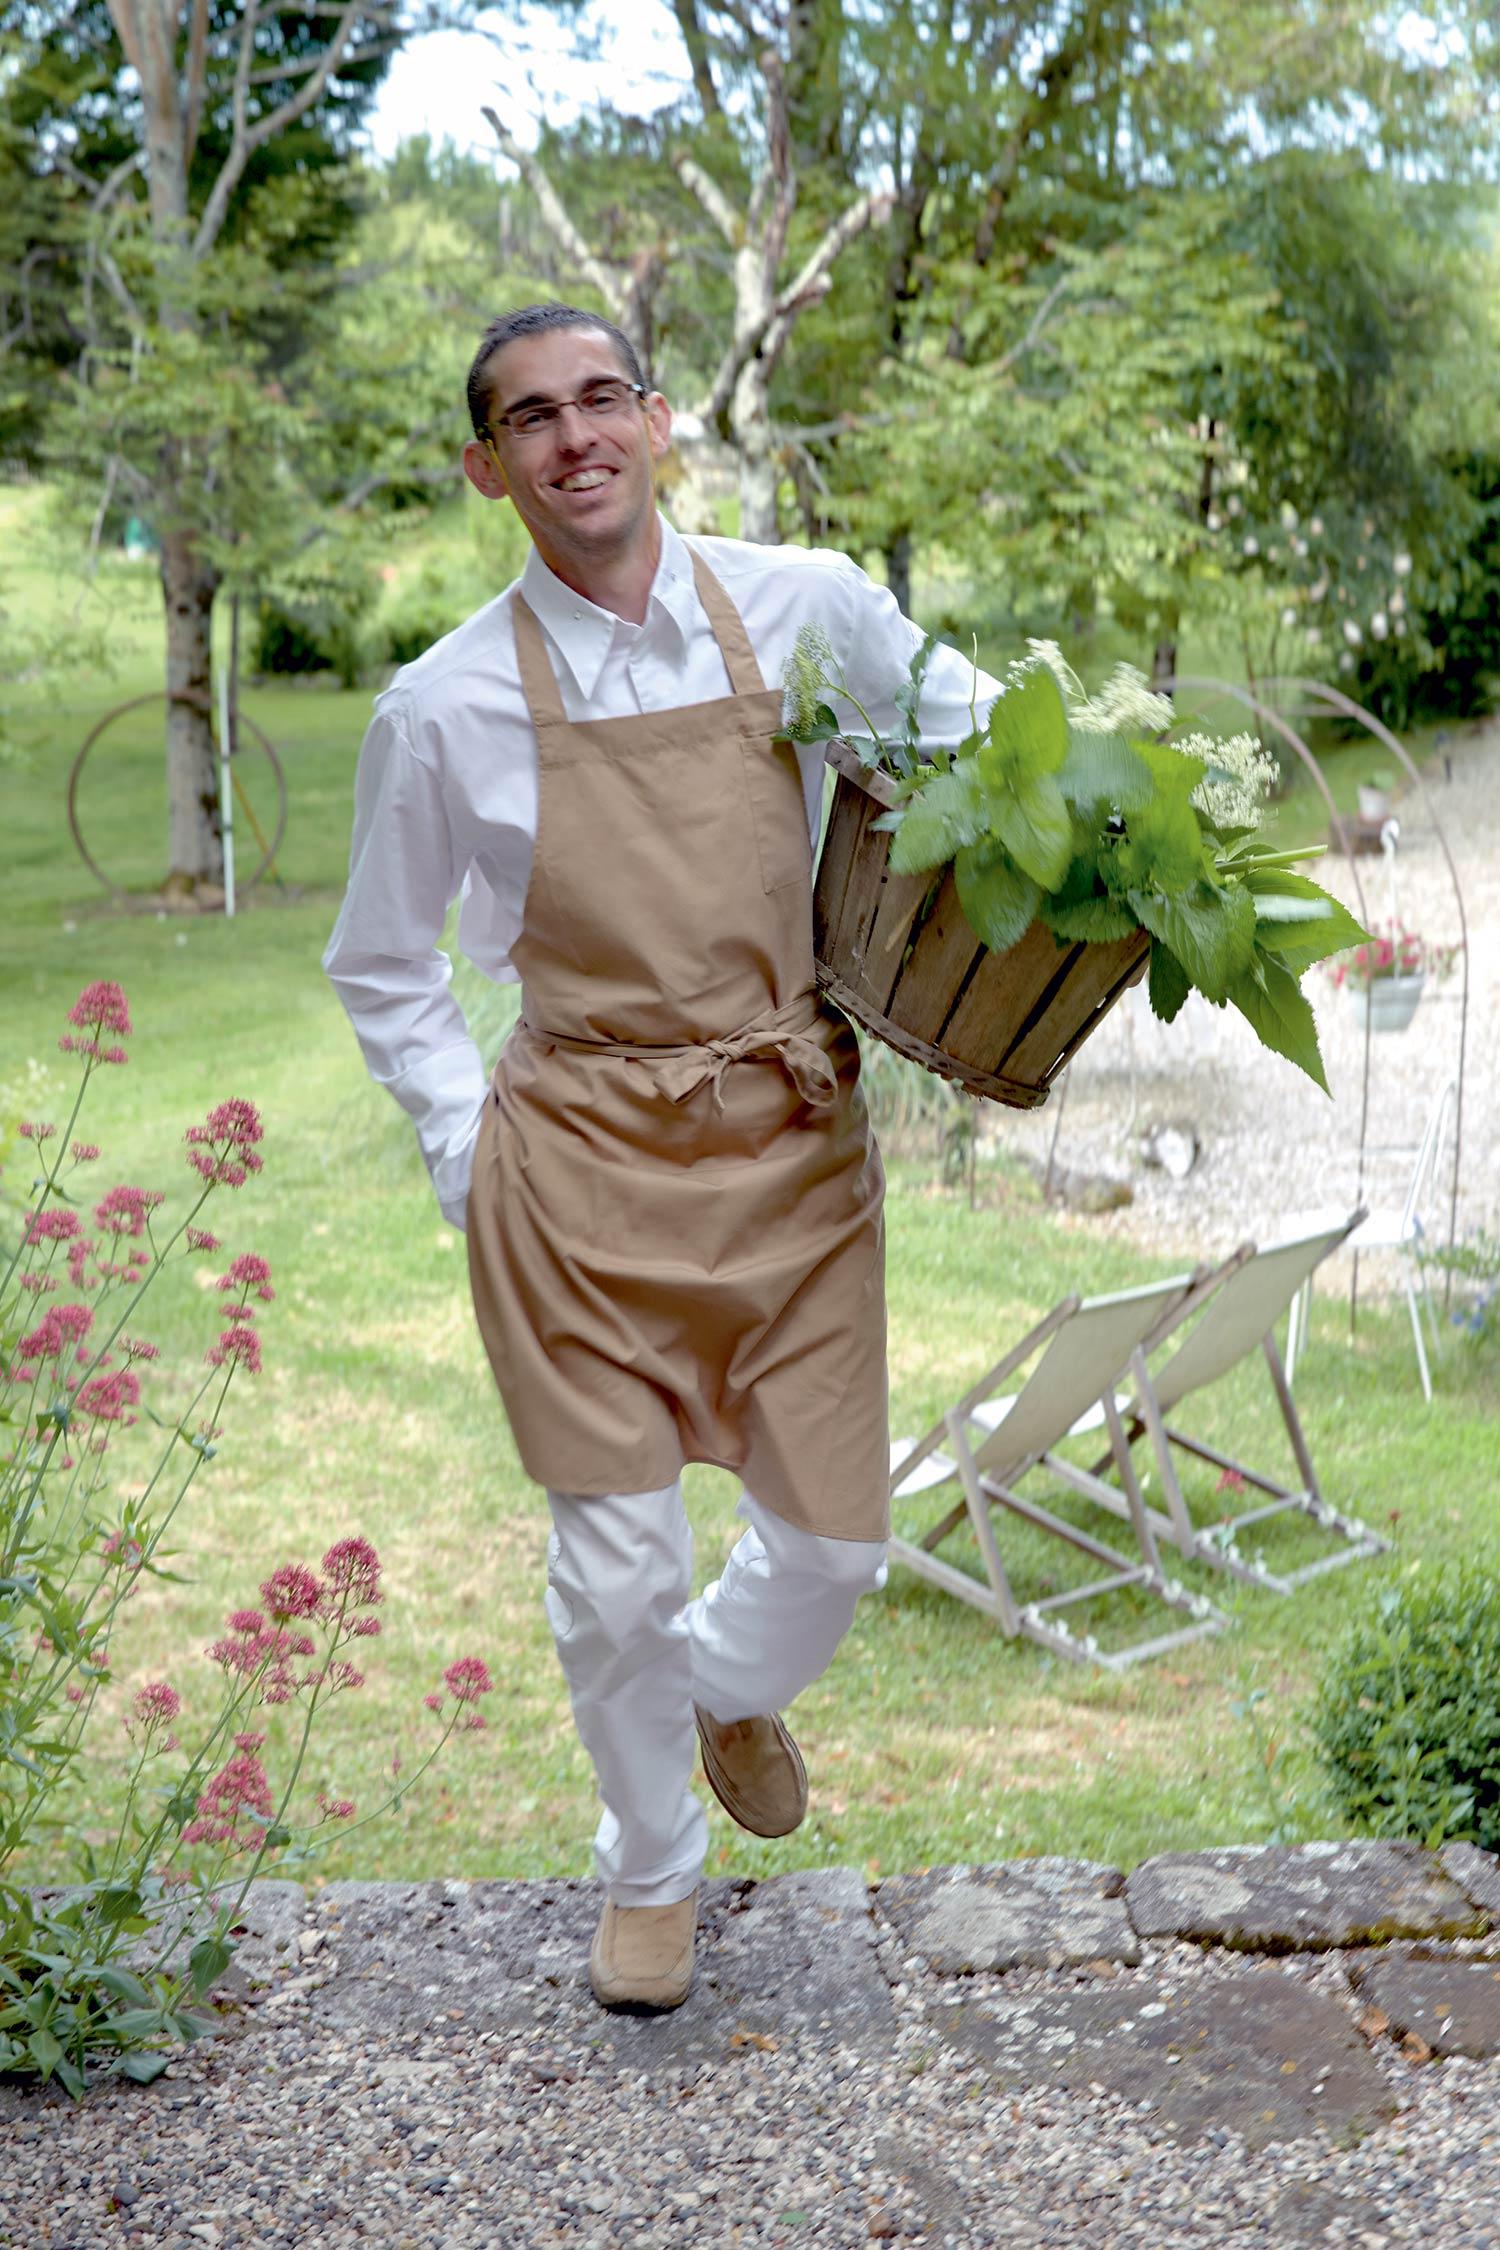 Chef en tablier beige et habits blanc revenant du jardin avec un panier d'herbe et de plantes